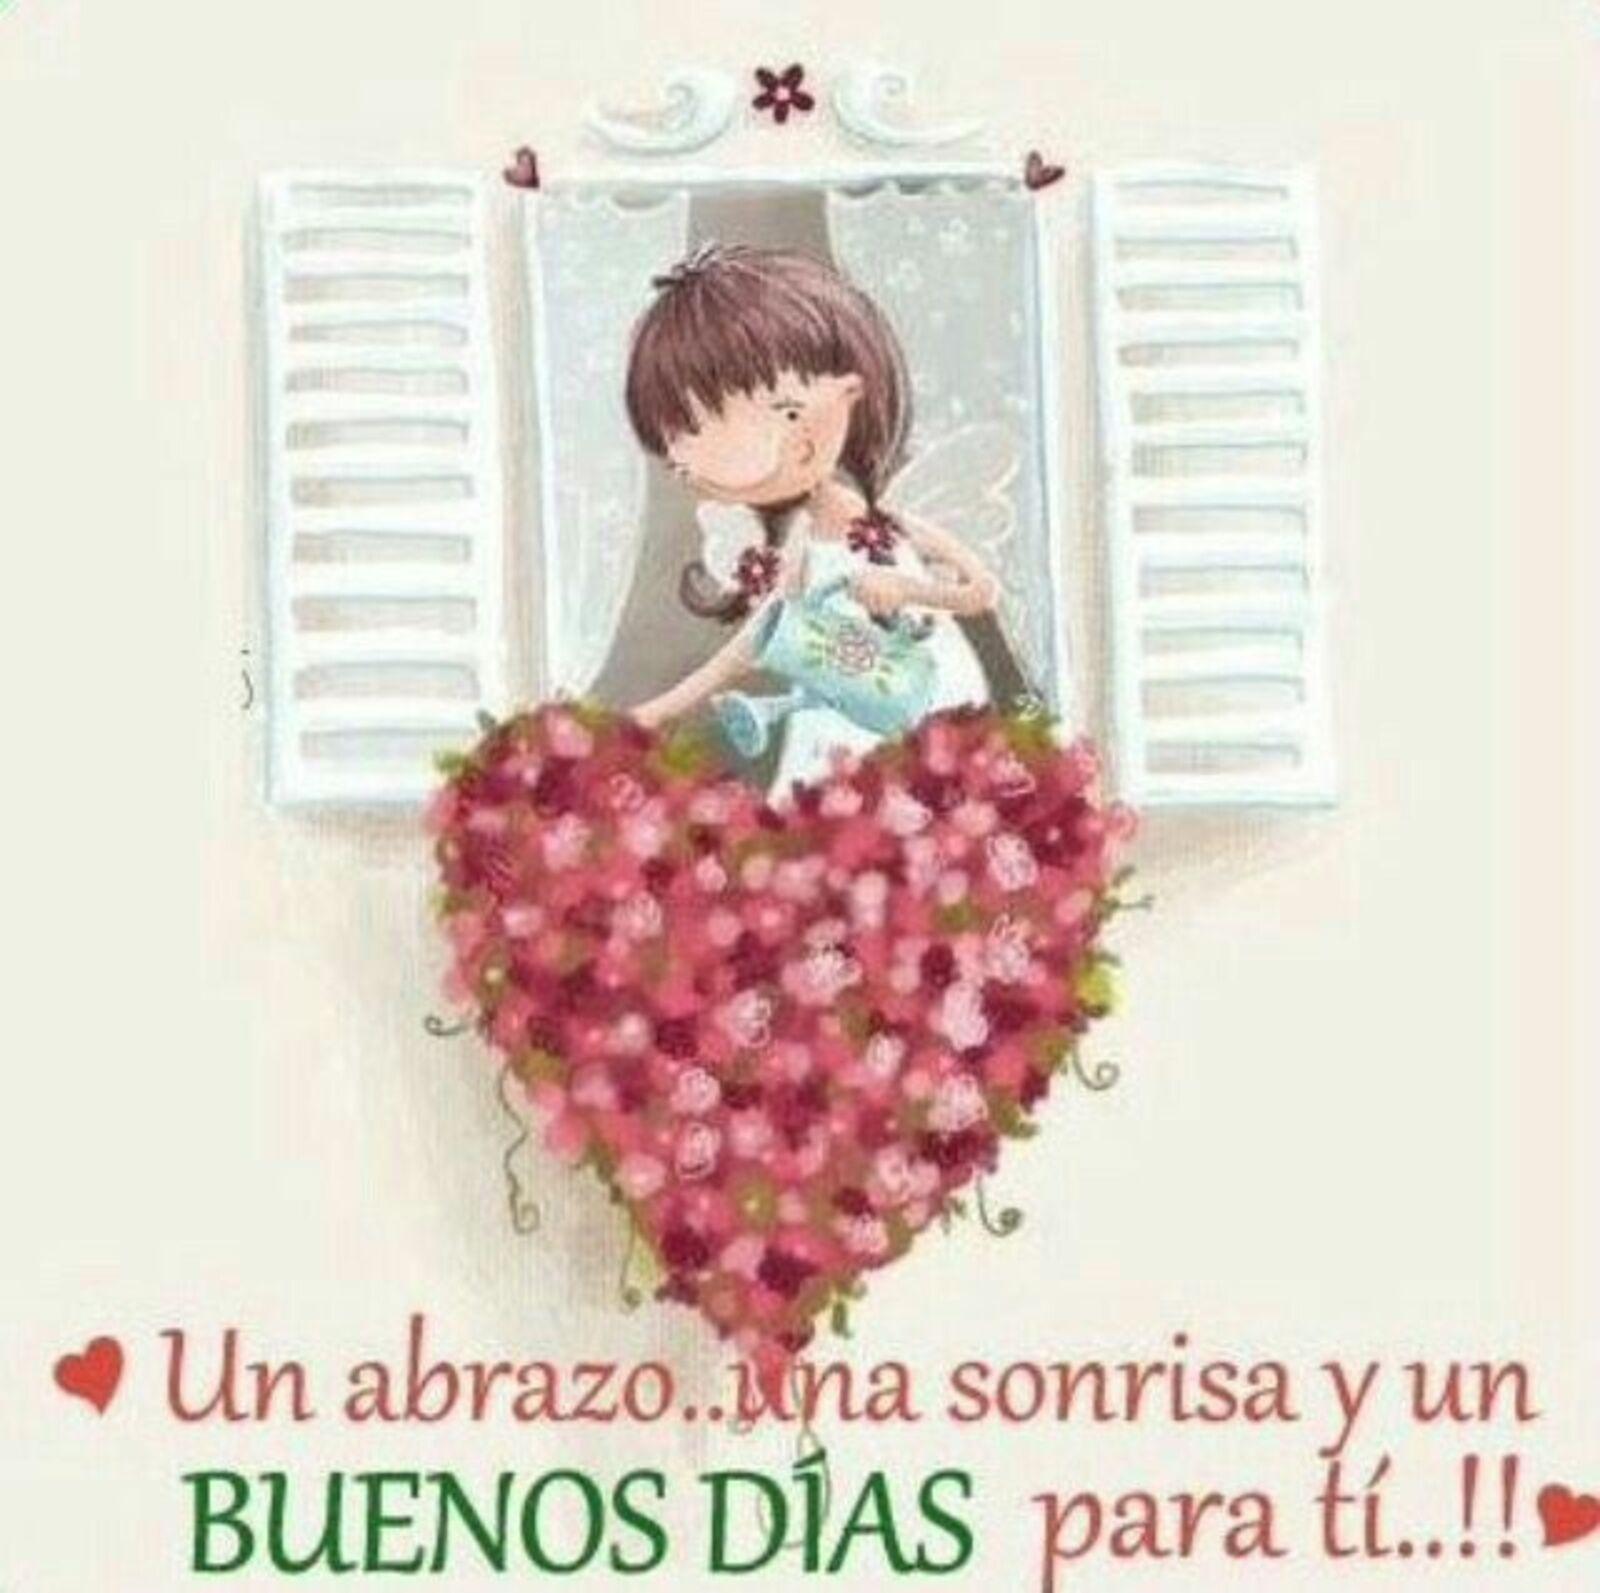 Un abrazo...una sonrisa y un buenos días para ti!!!